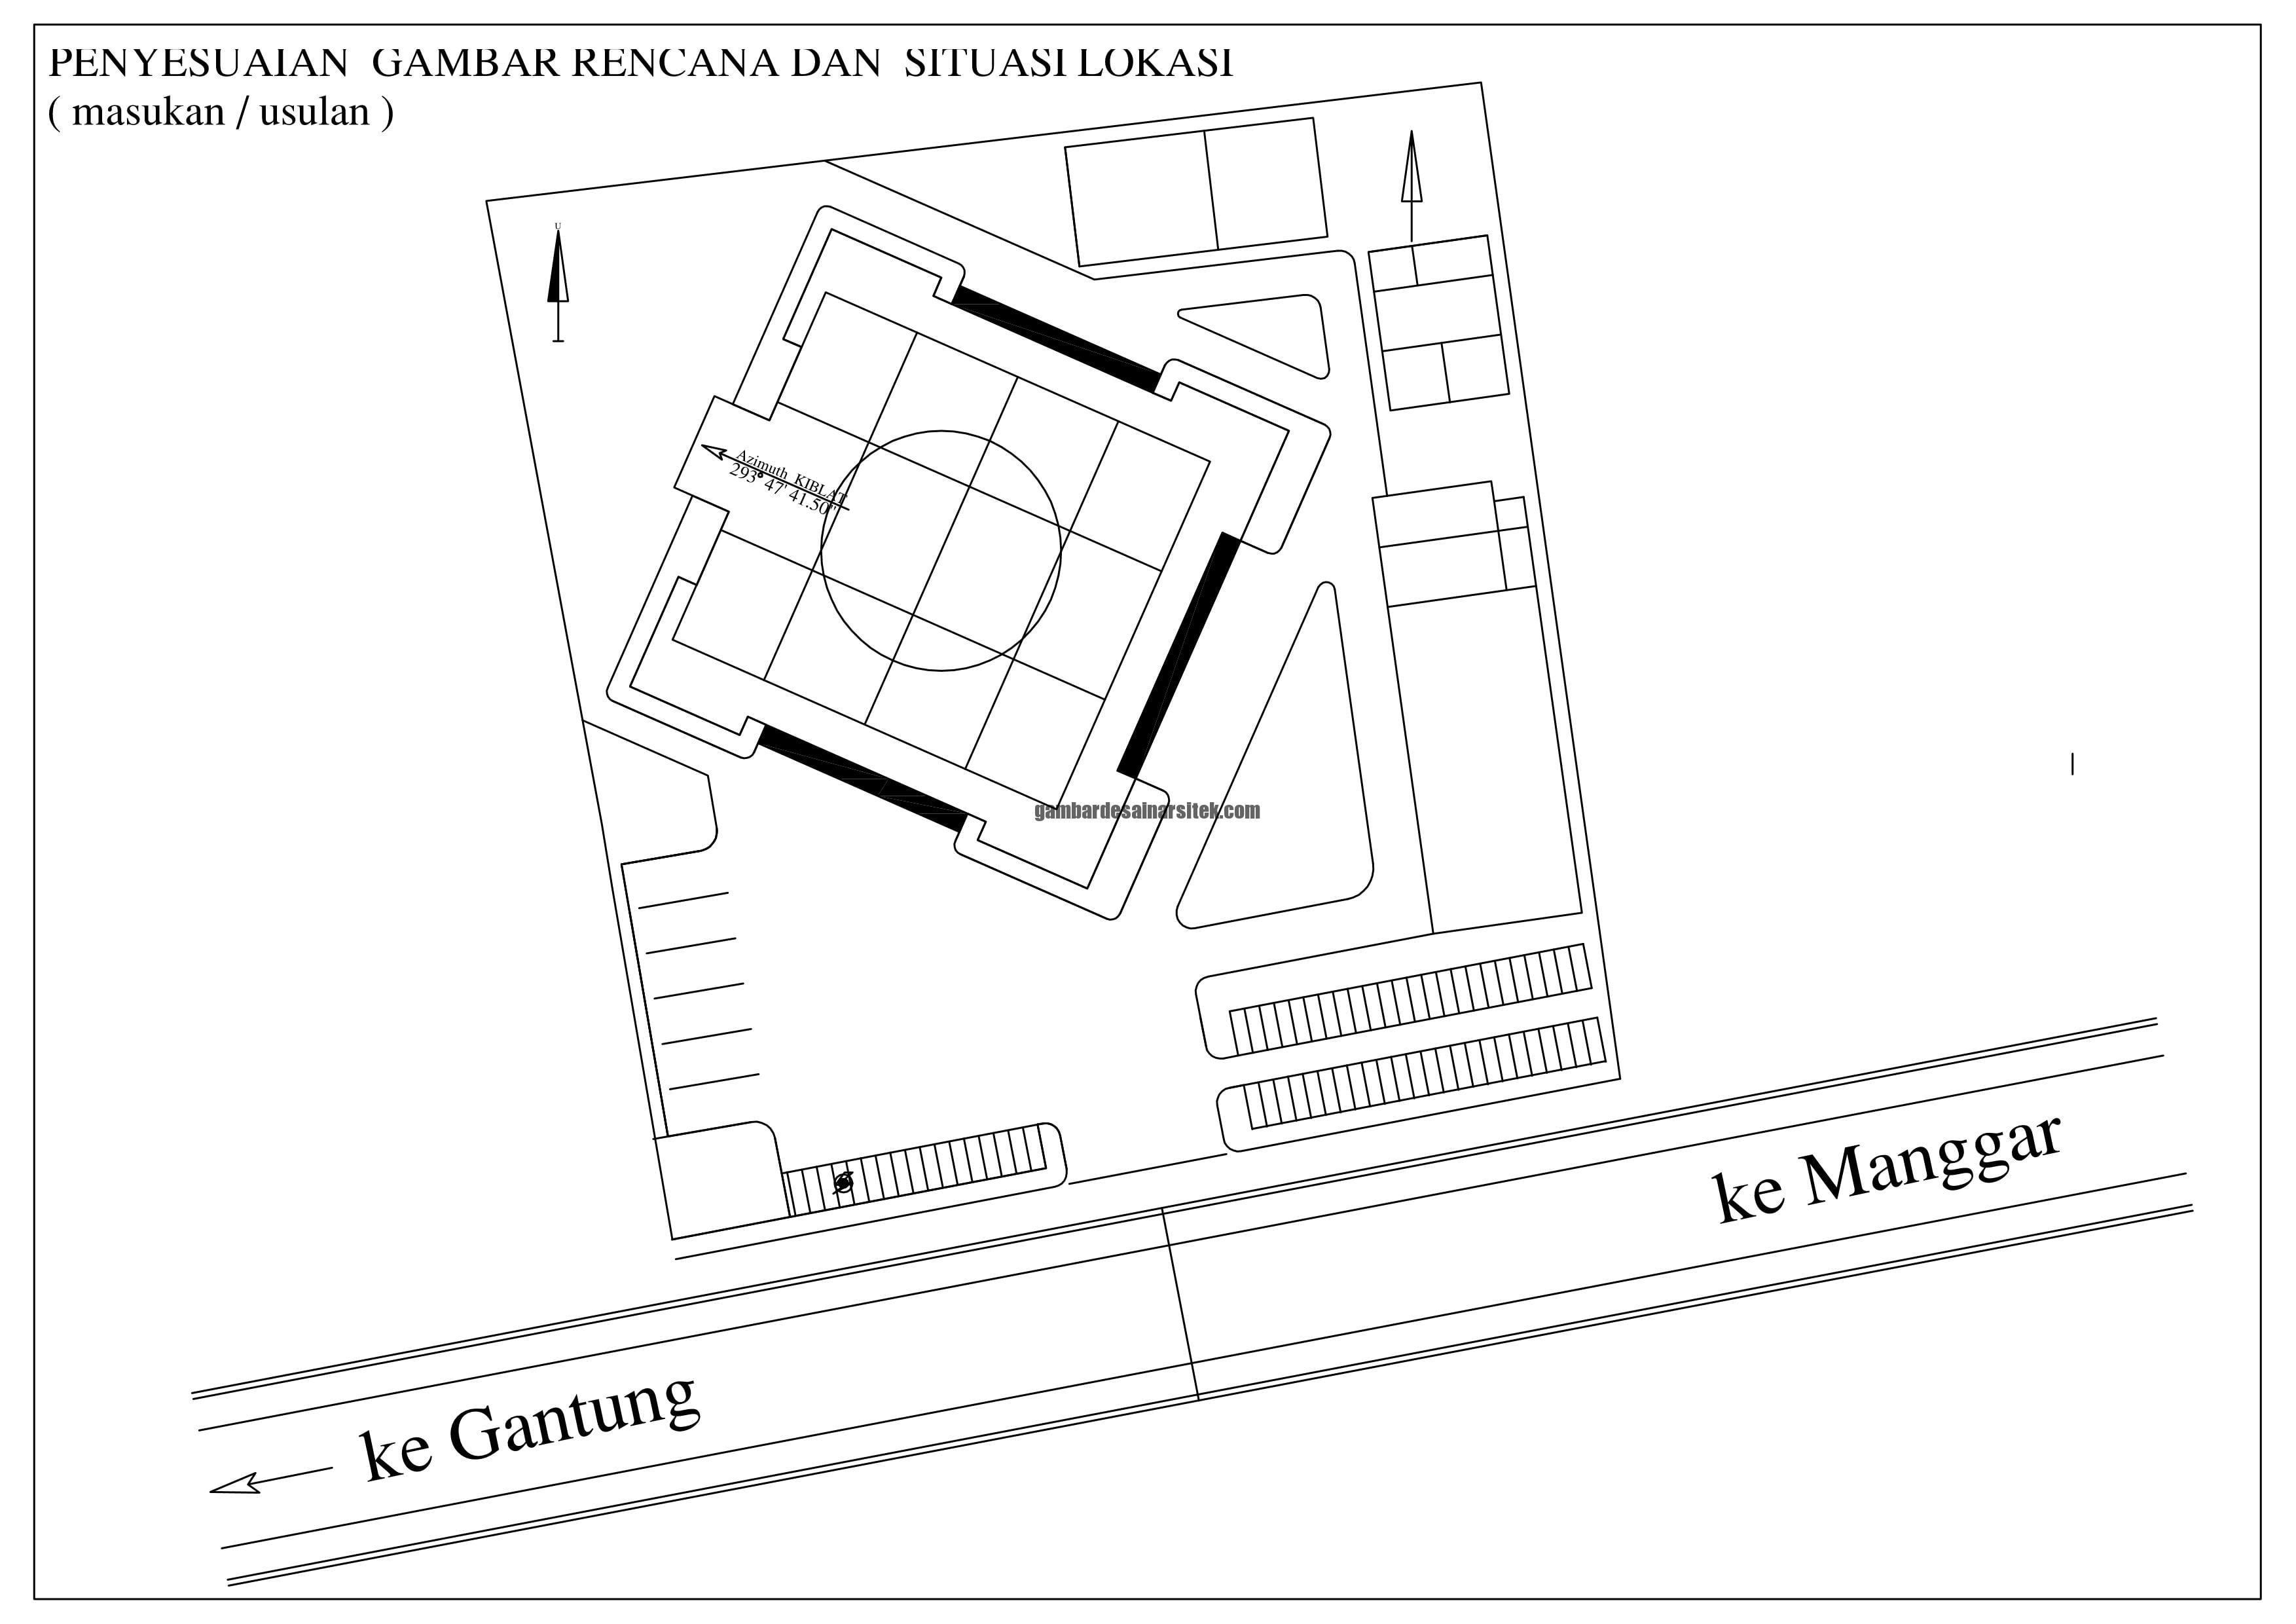 Desain Siteplan Masjid Penyesuaian Gambar Rencana dan Situasi Lokasi 1